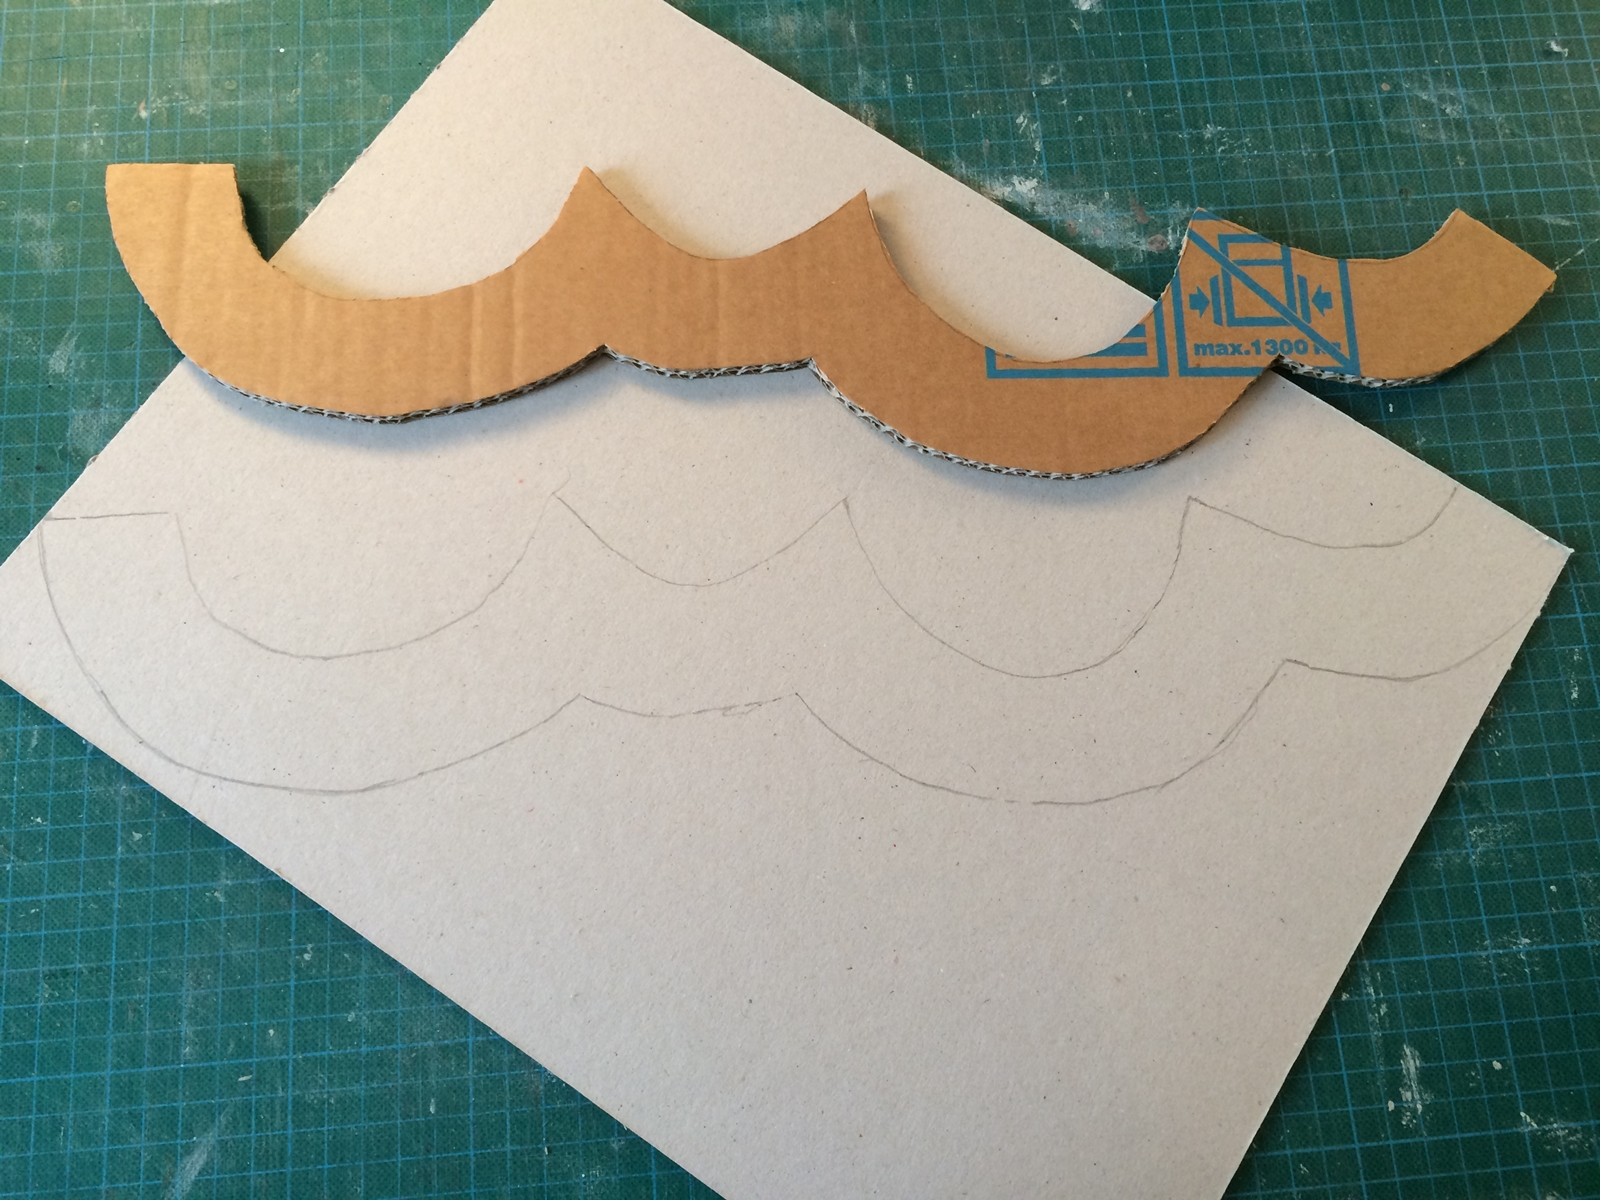 Fabriquer Une Bibliothèque En Carton support pour les rouleaux de papier wc - lpb carton